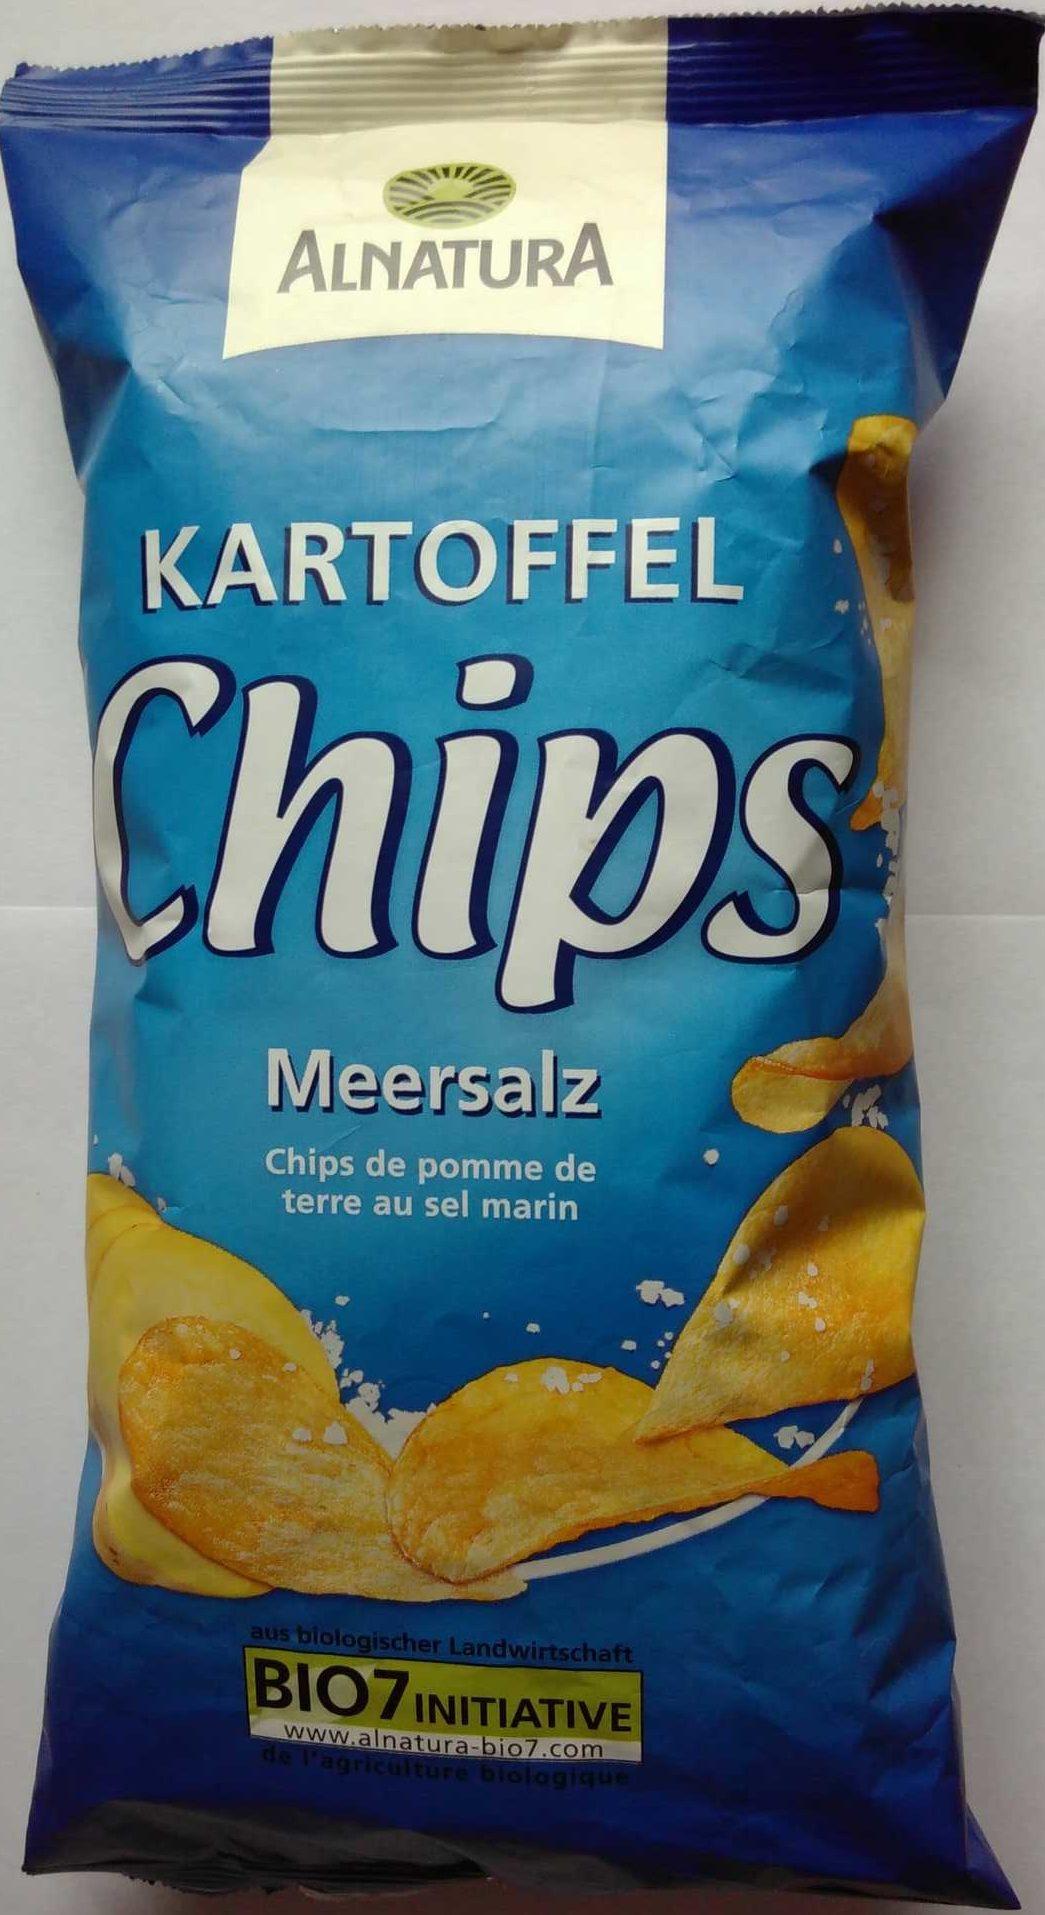 Kartoffelchips Meersalz - Product - de